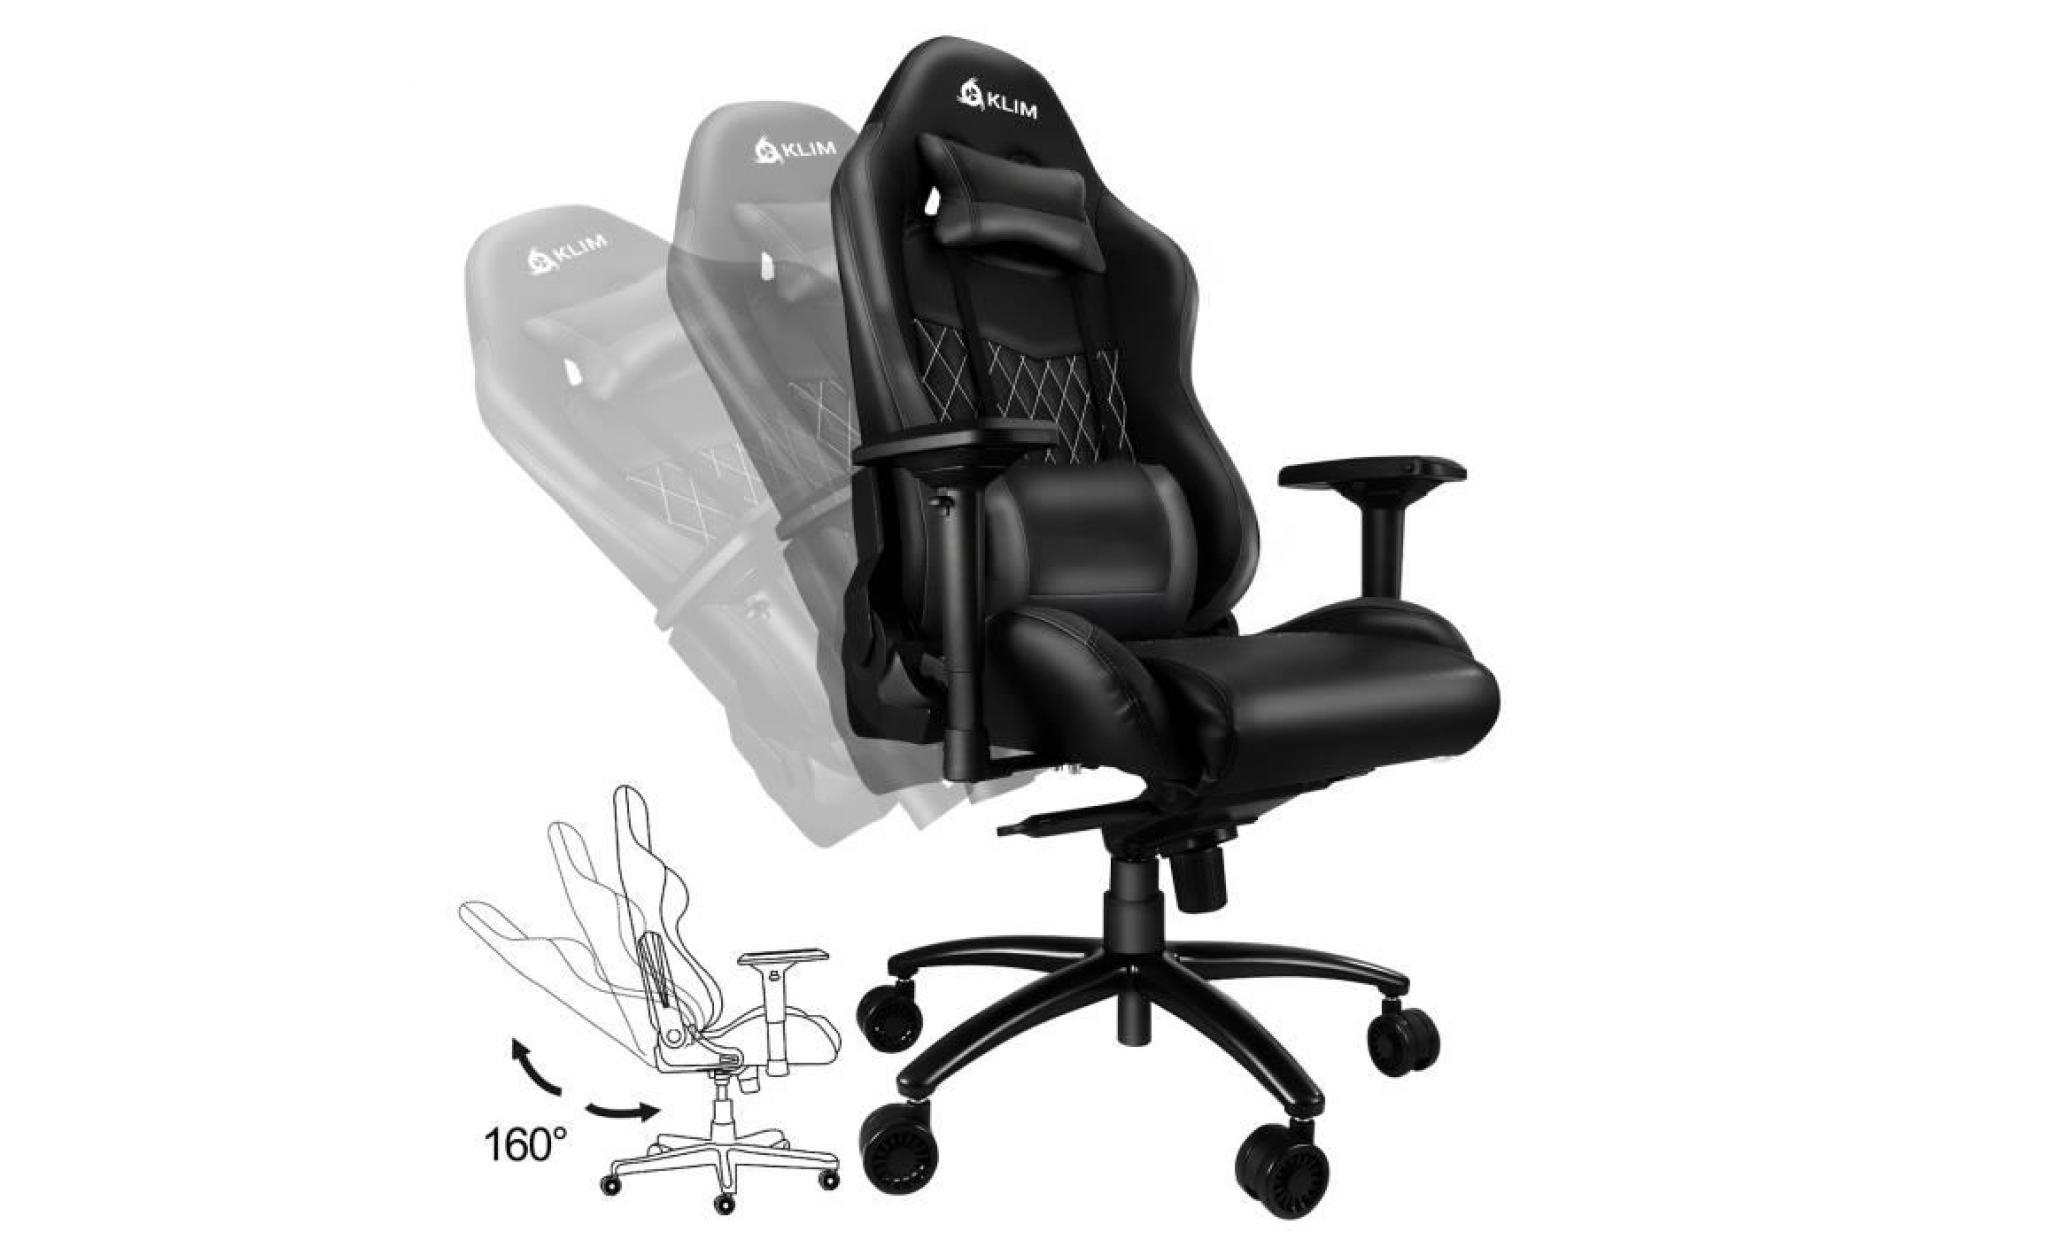 Finitions Soignées Inclinable Gamer Ajustable Noir Chaise Haute Esports Très Bureau Ergonomique Qualité Siege Klim Sc43AL5jqR